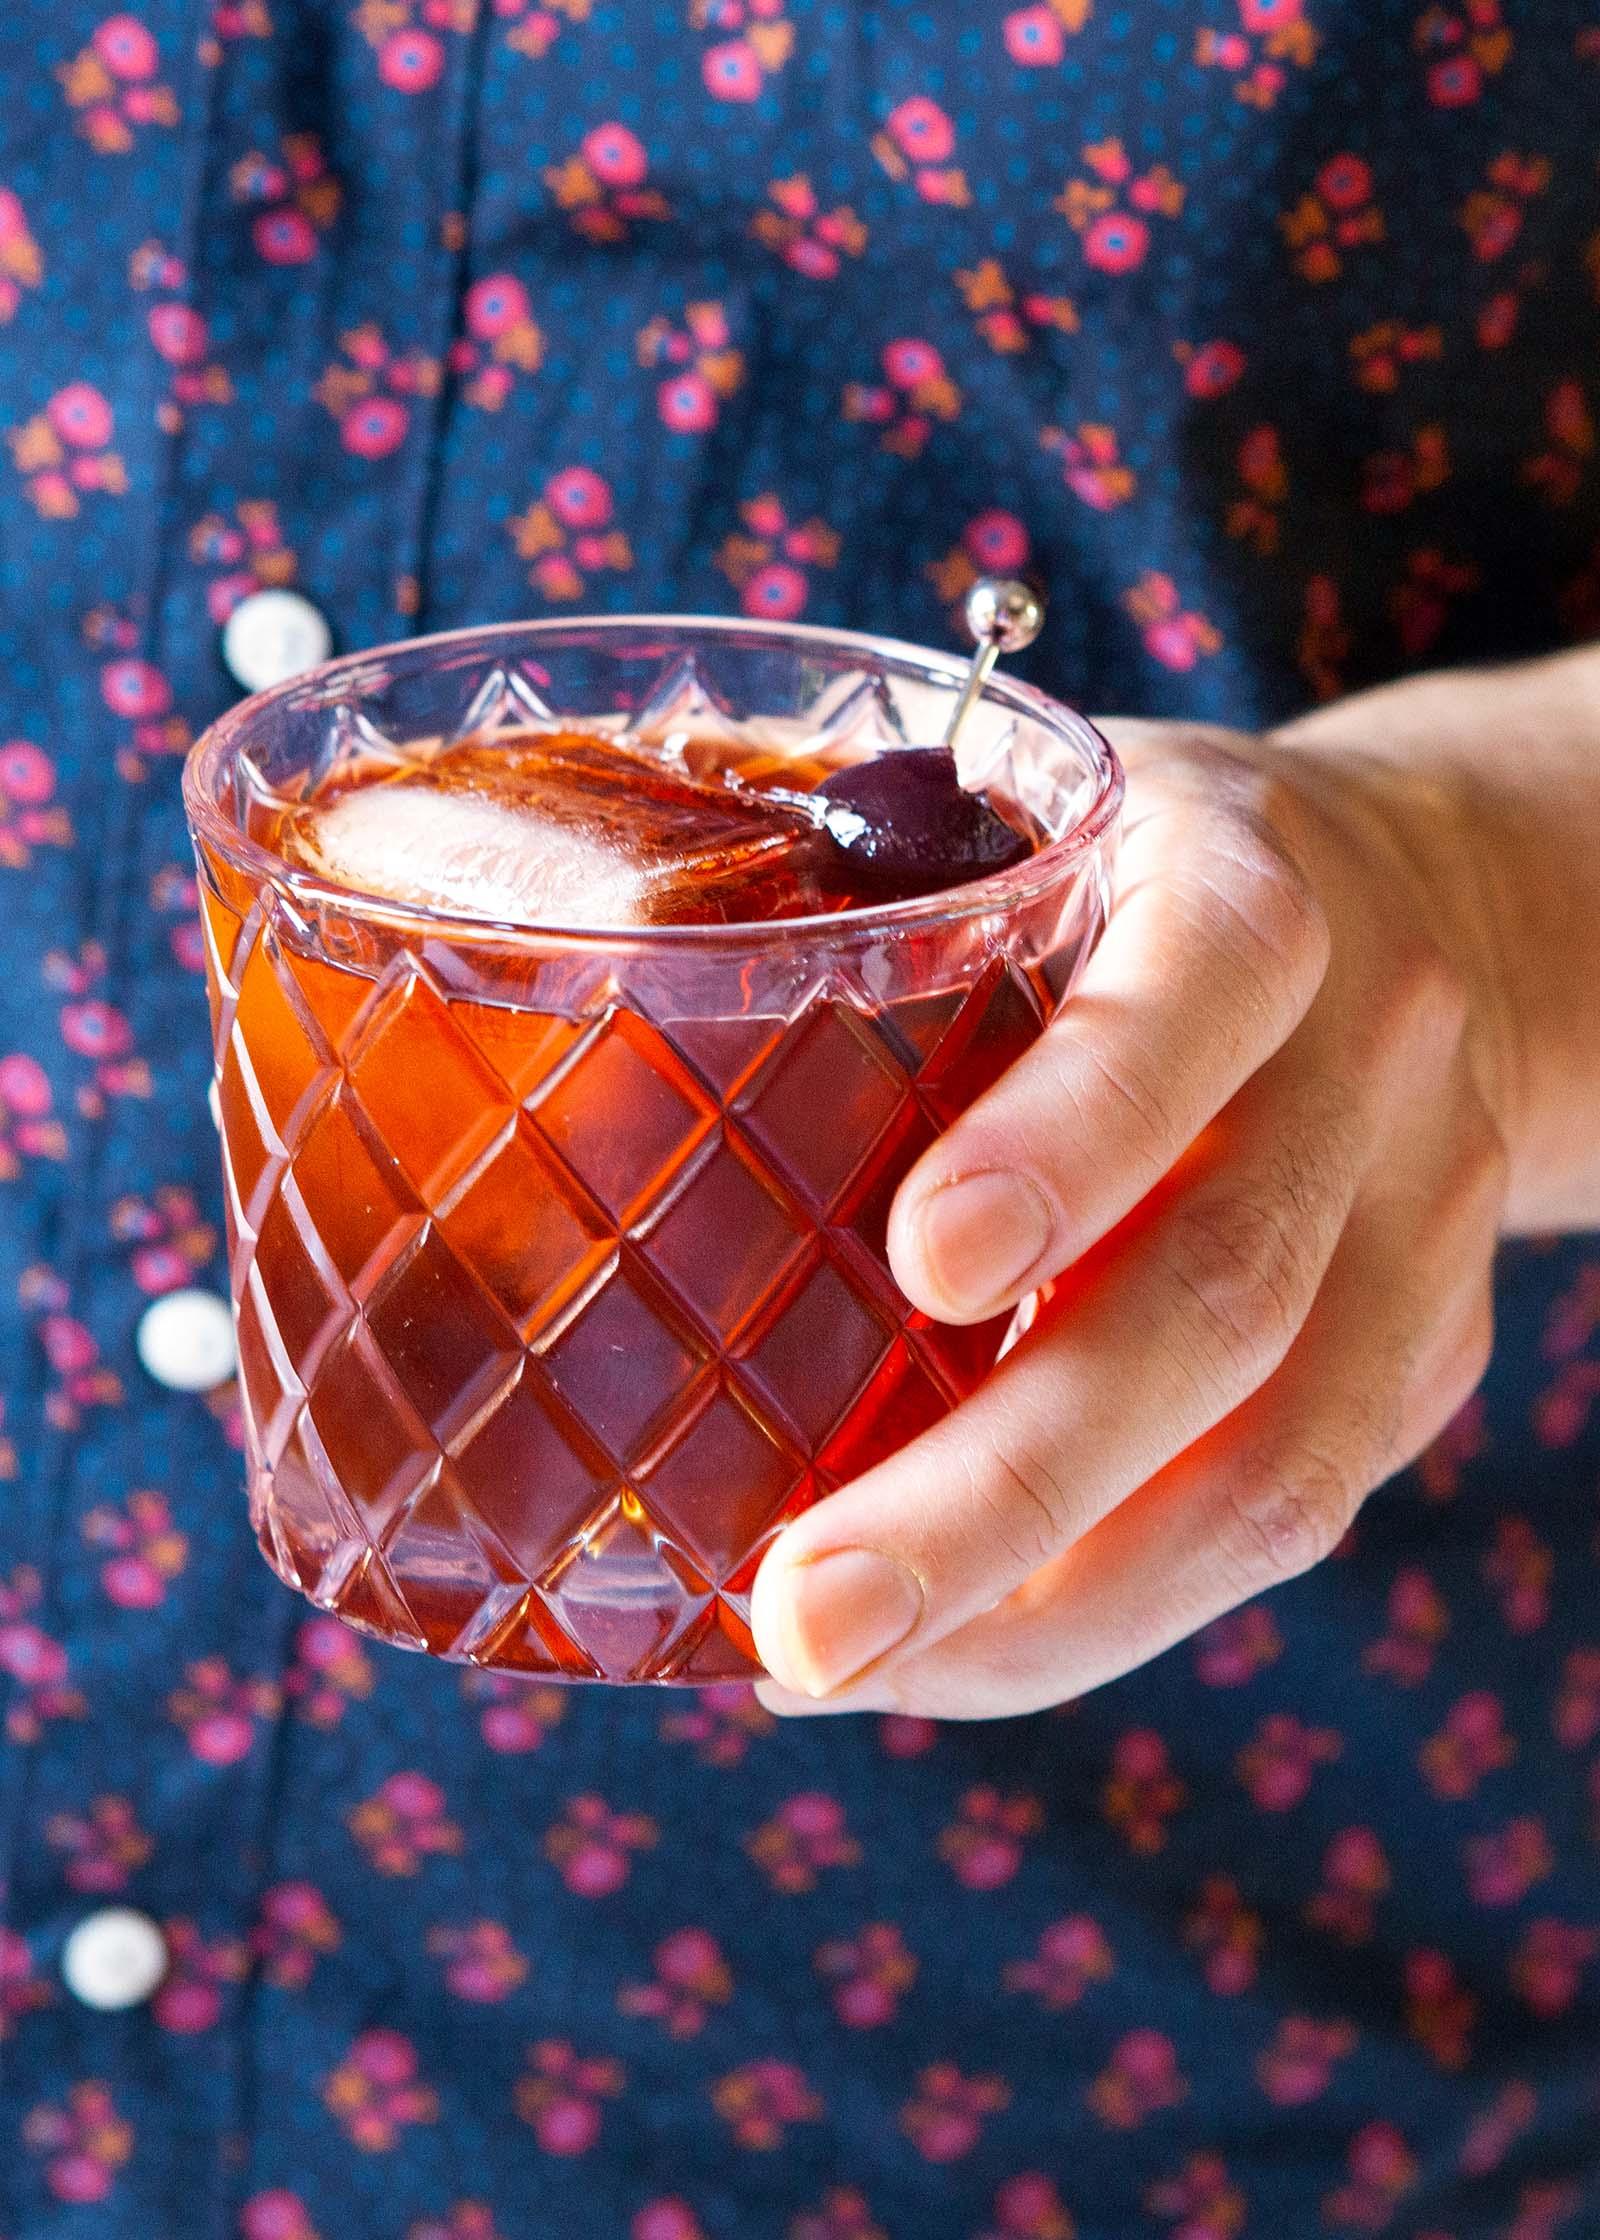 Vieux carre с квадратными кубиками льда и вишневым гарниром держится в руке человека.